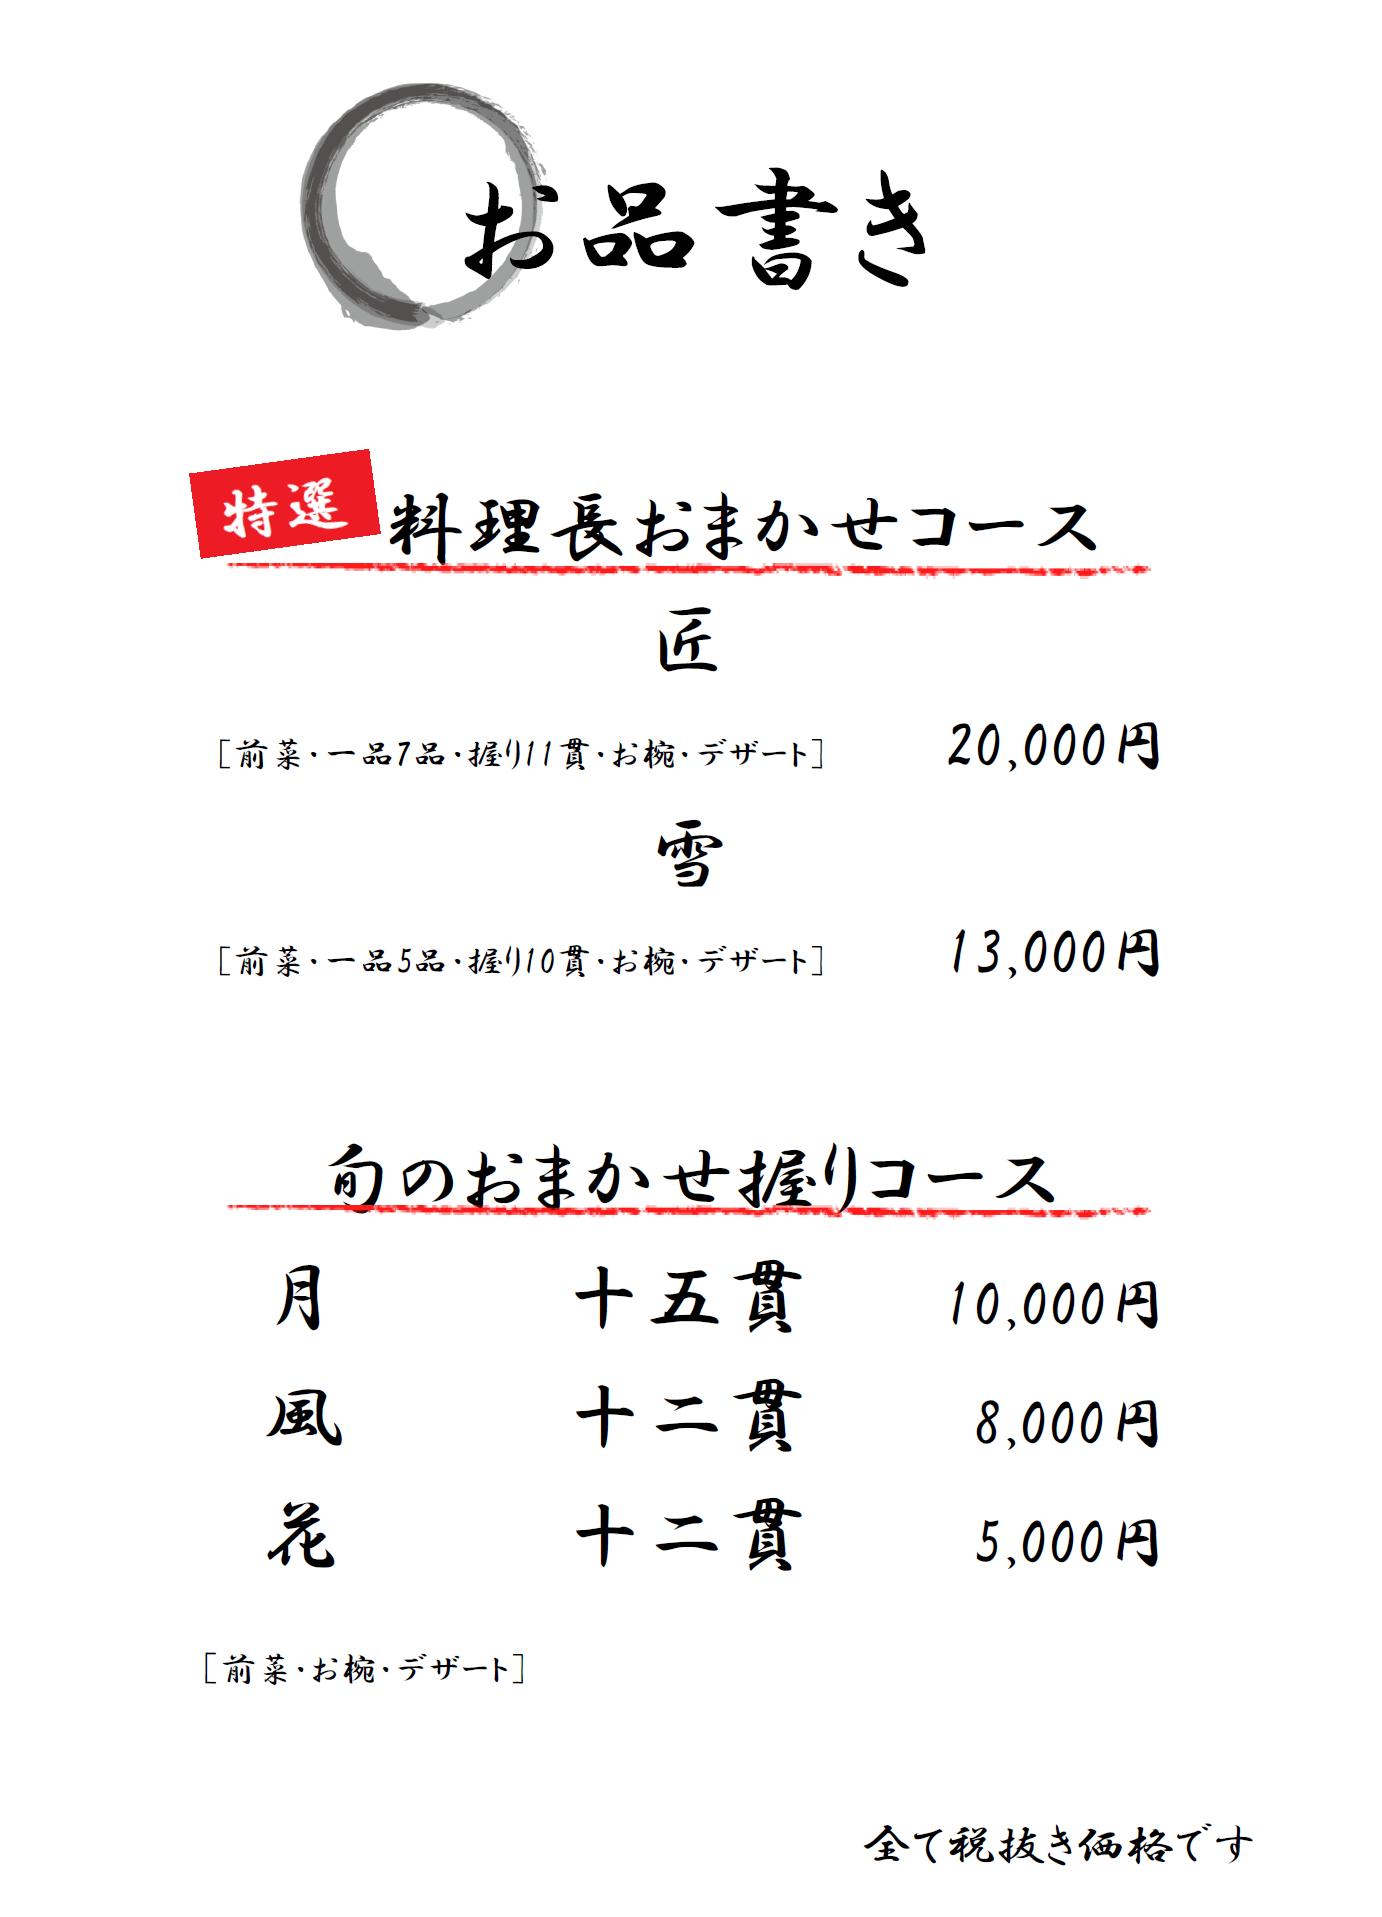 鮨 [銀座店] ランチメニュー1